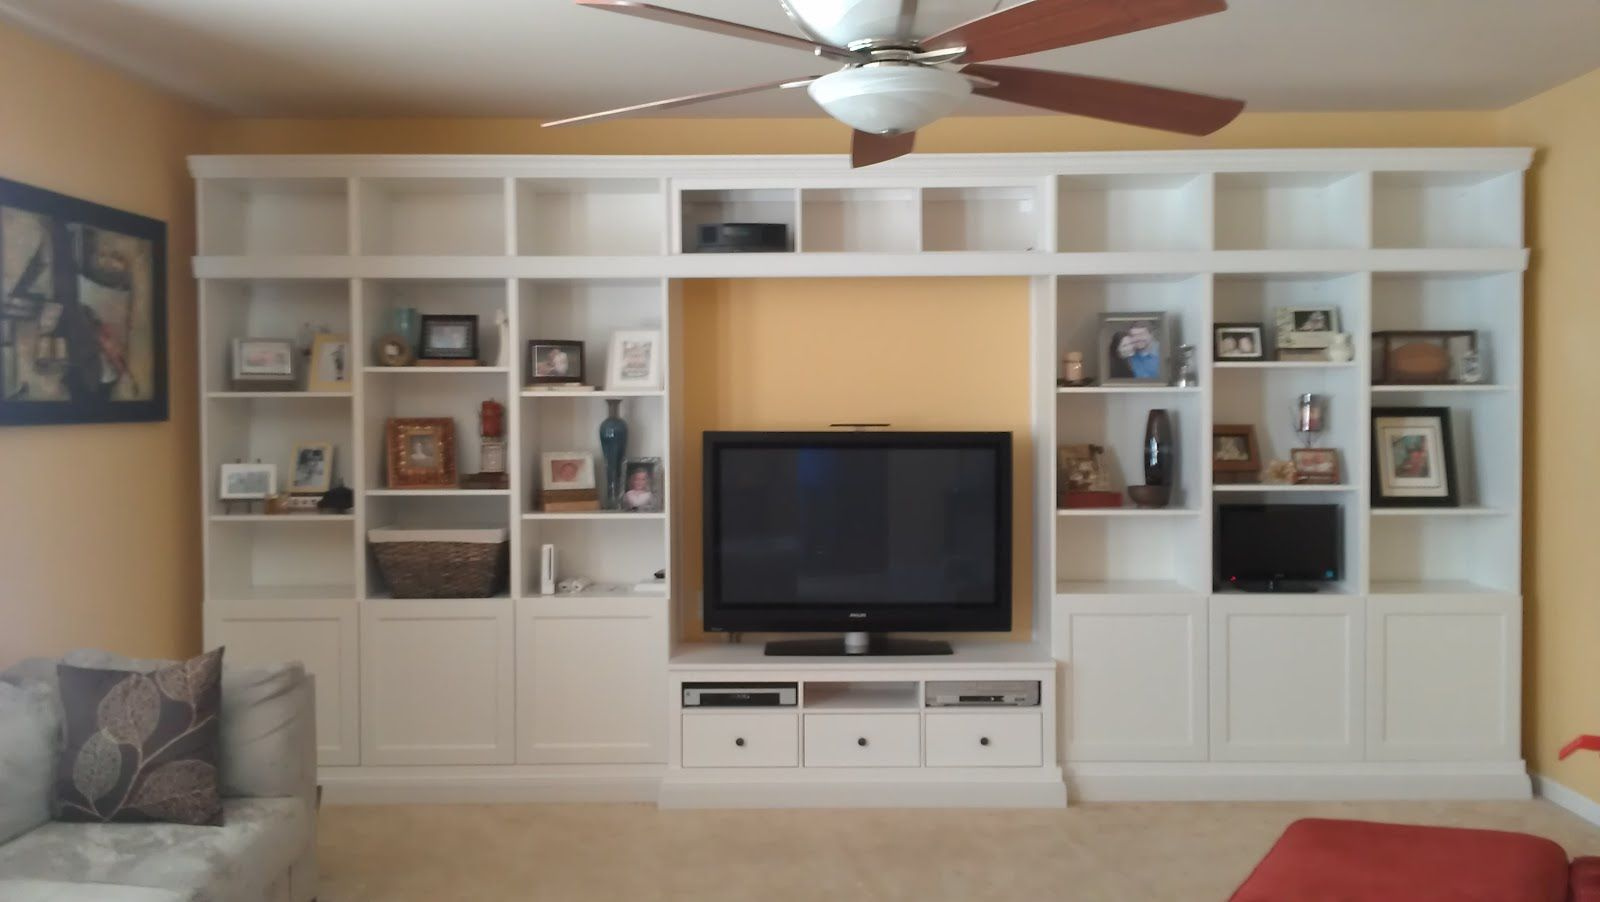 Wohnzimmer hemnes ~ Built in ikea hemnes hack ~ get home decorating everything ikea